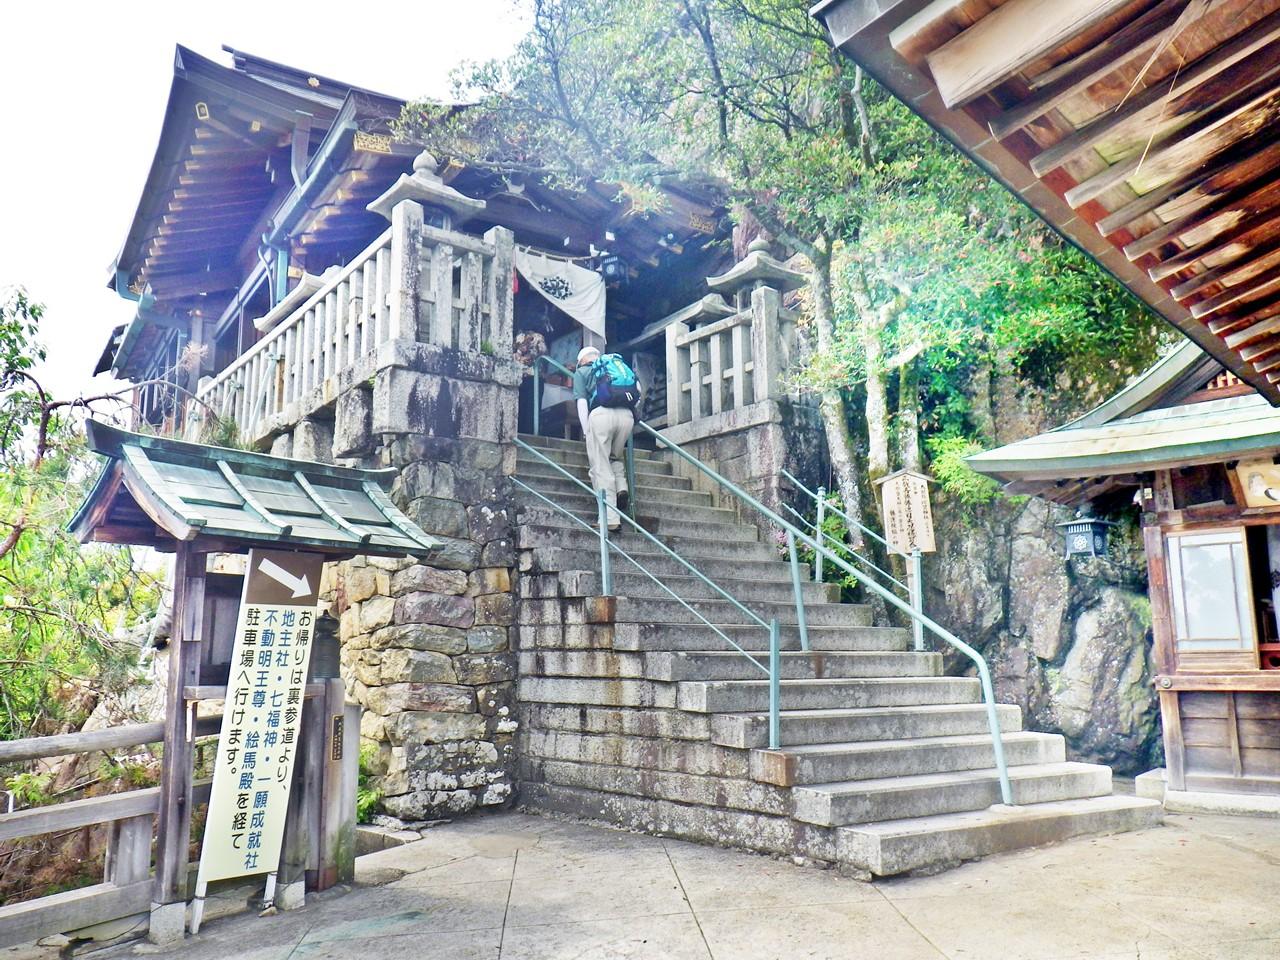 18a 太郎坊宮の本殿